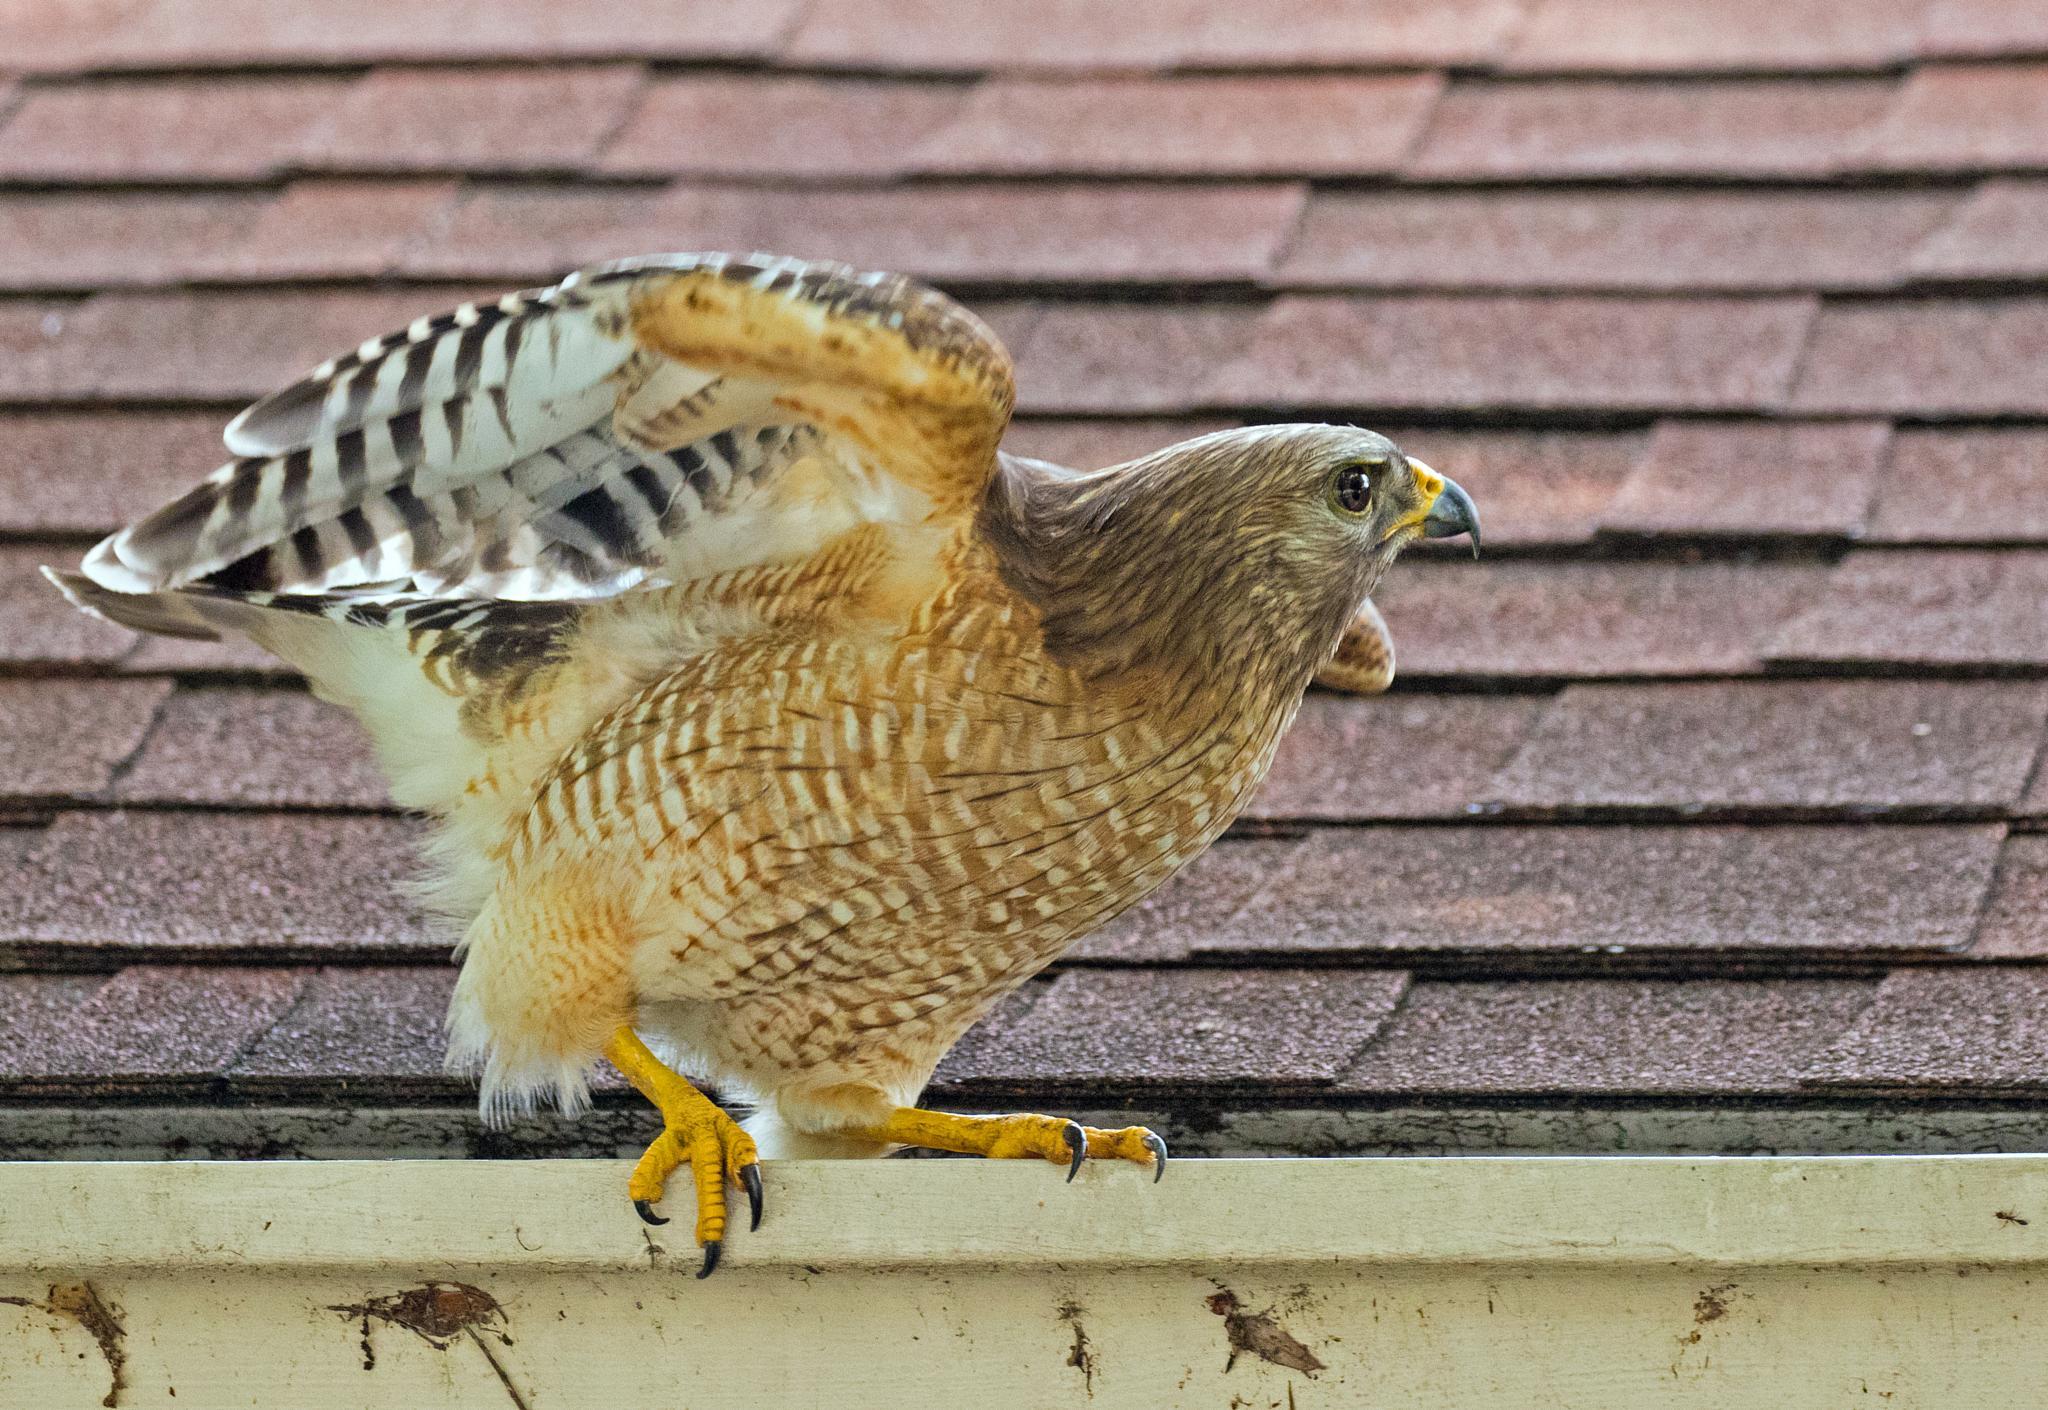 Red-shouldered Hawk by Barry Melamed